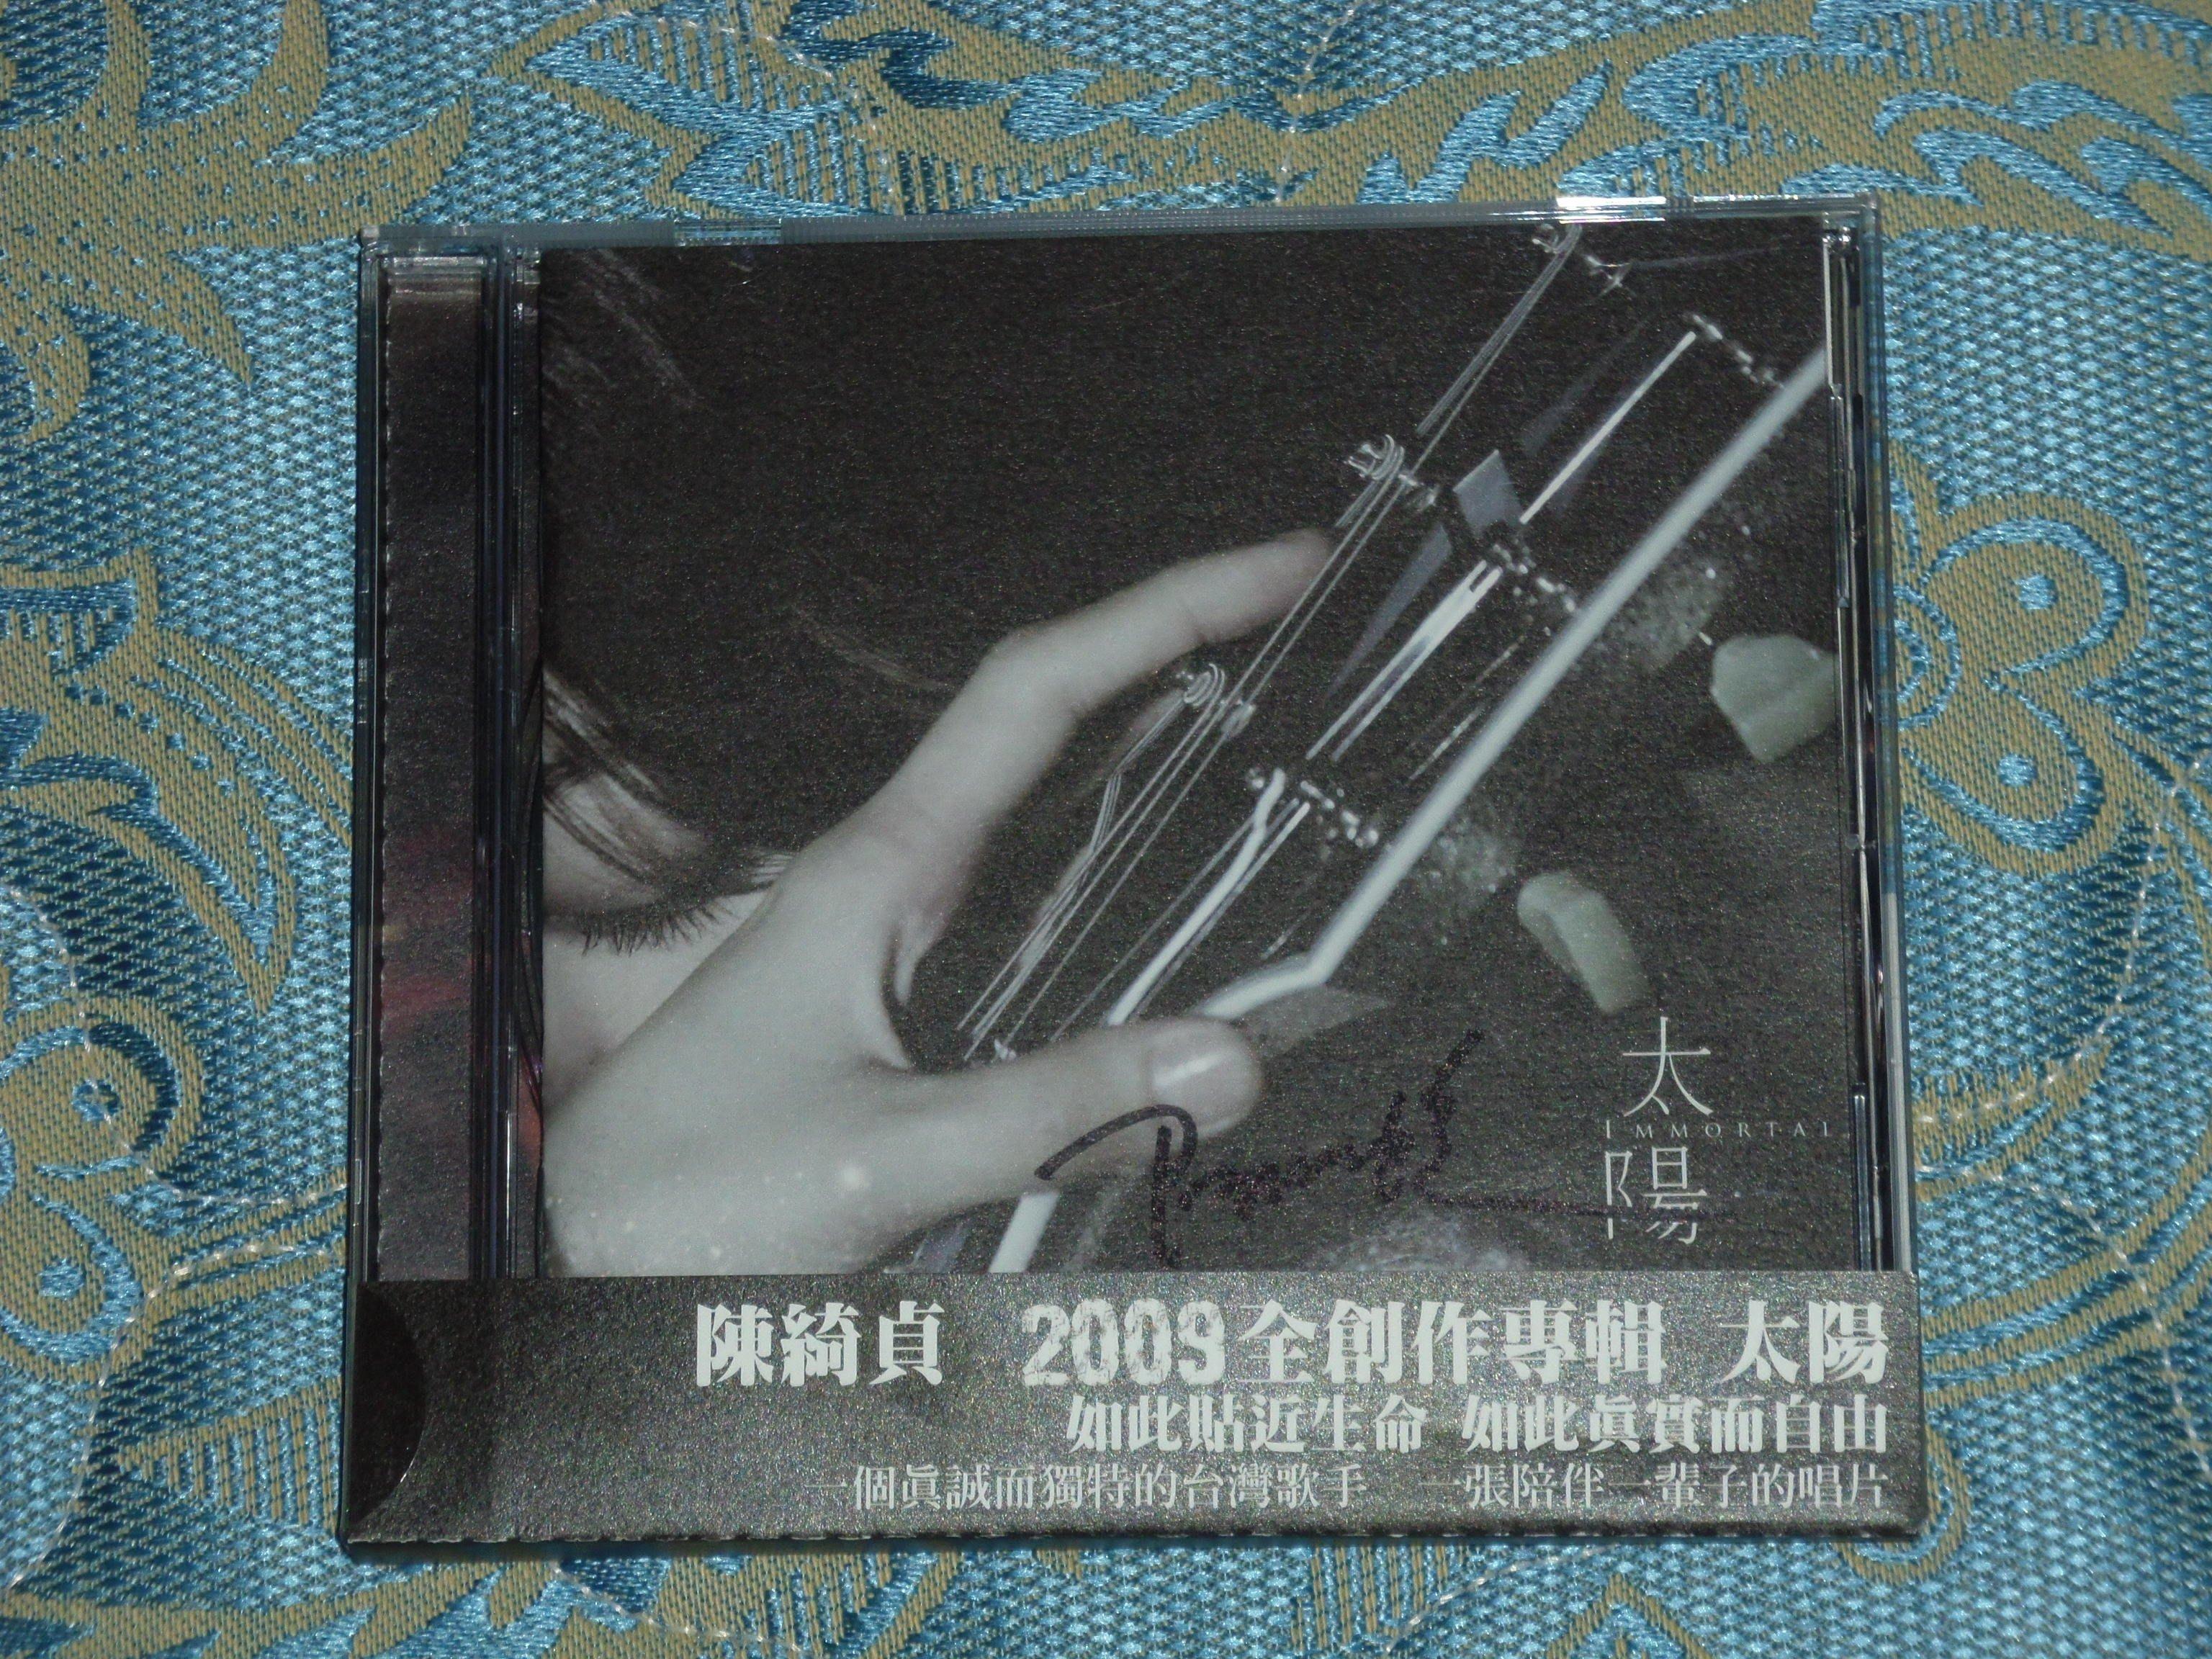 陳綺貞-太陽平裝版(親筆簽名版)-陳綺貞2009全創作專輯太陽-一個真誠而獨特的台灣歌手,一張陪伴一輩子的唱片-二手